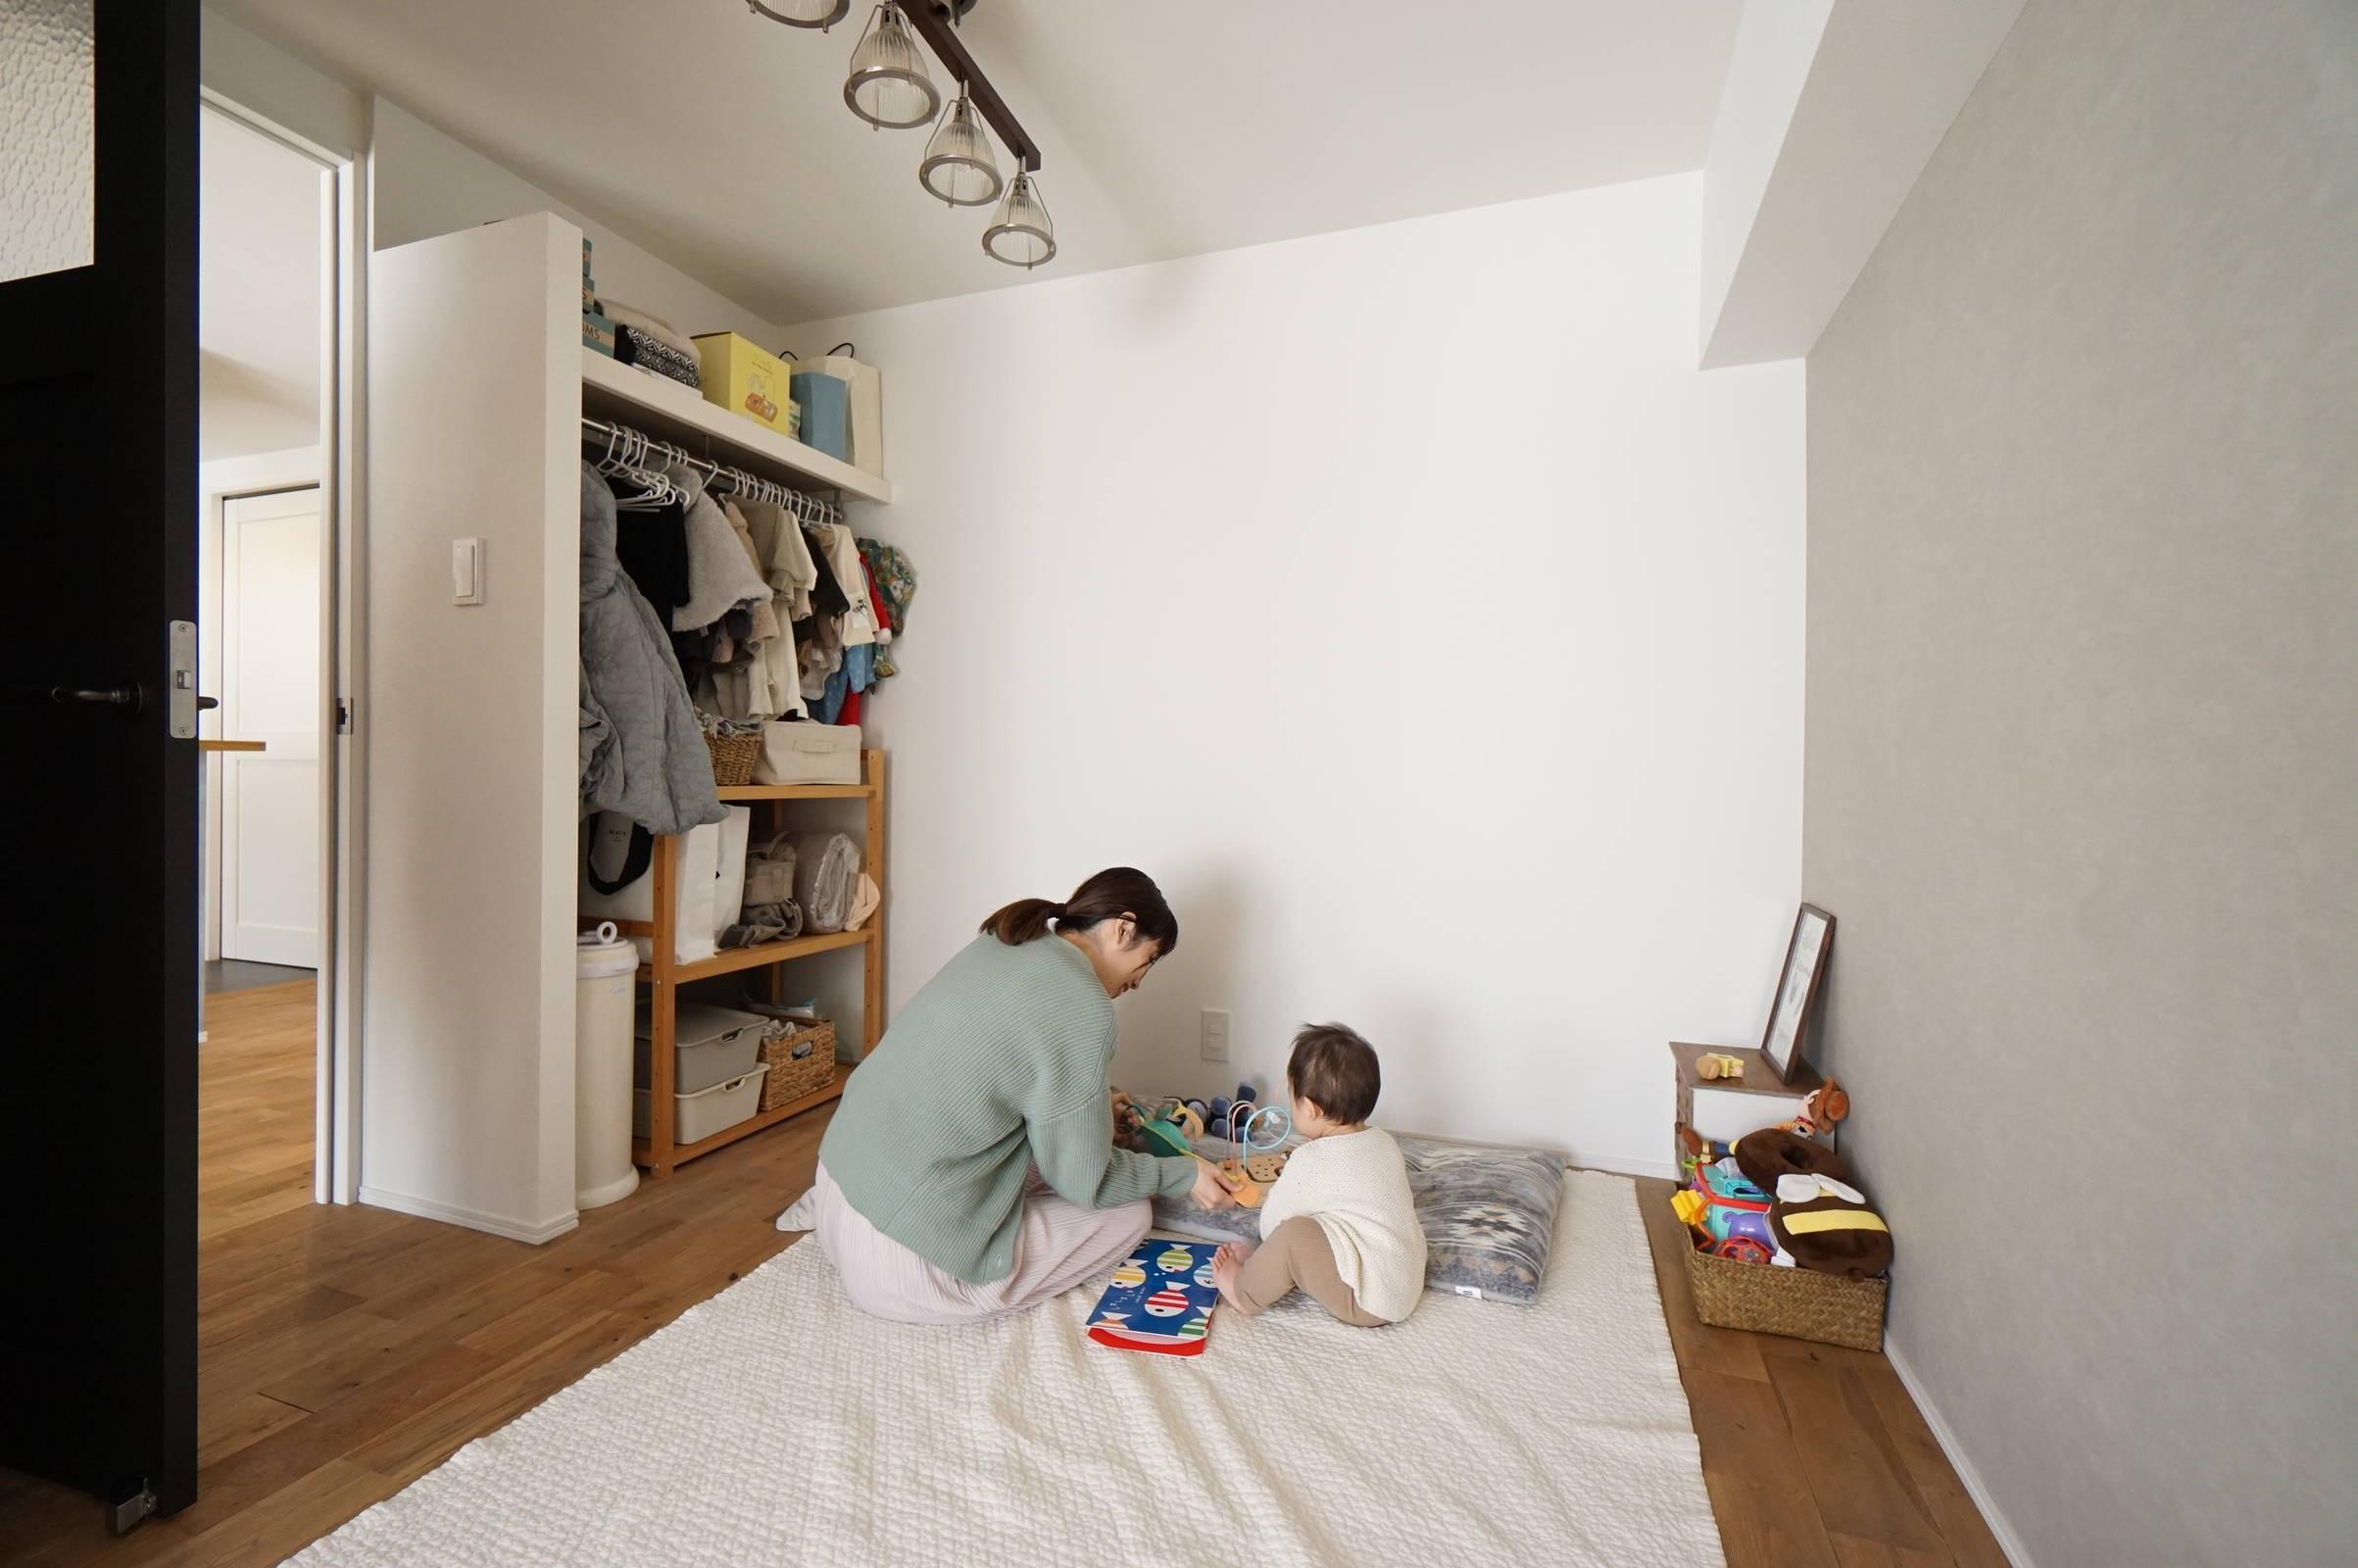 子供部屋事例:子供部屋(子育ても楽しむママの夢を叶えたライフスタイル)